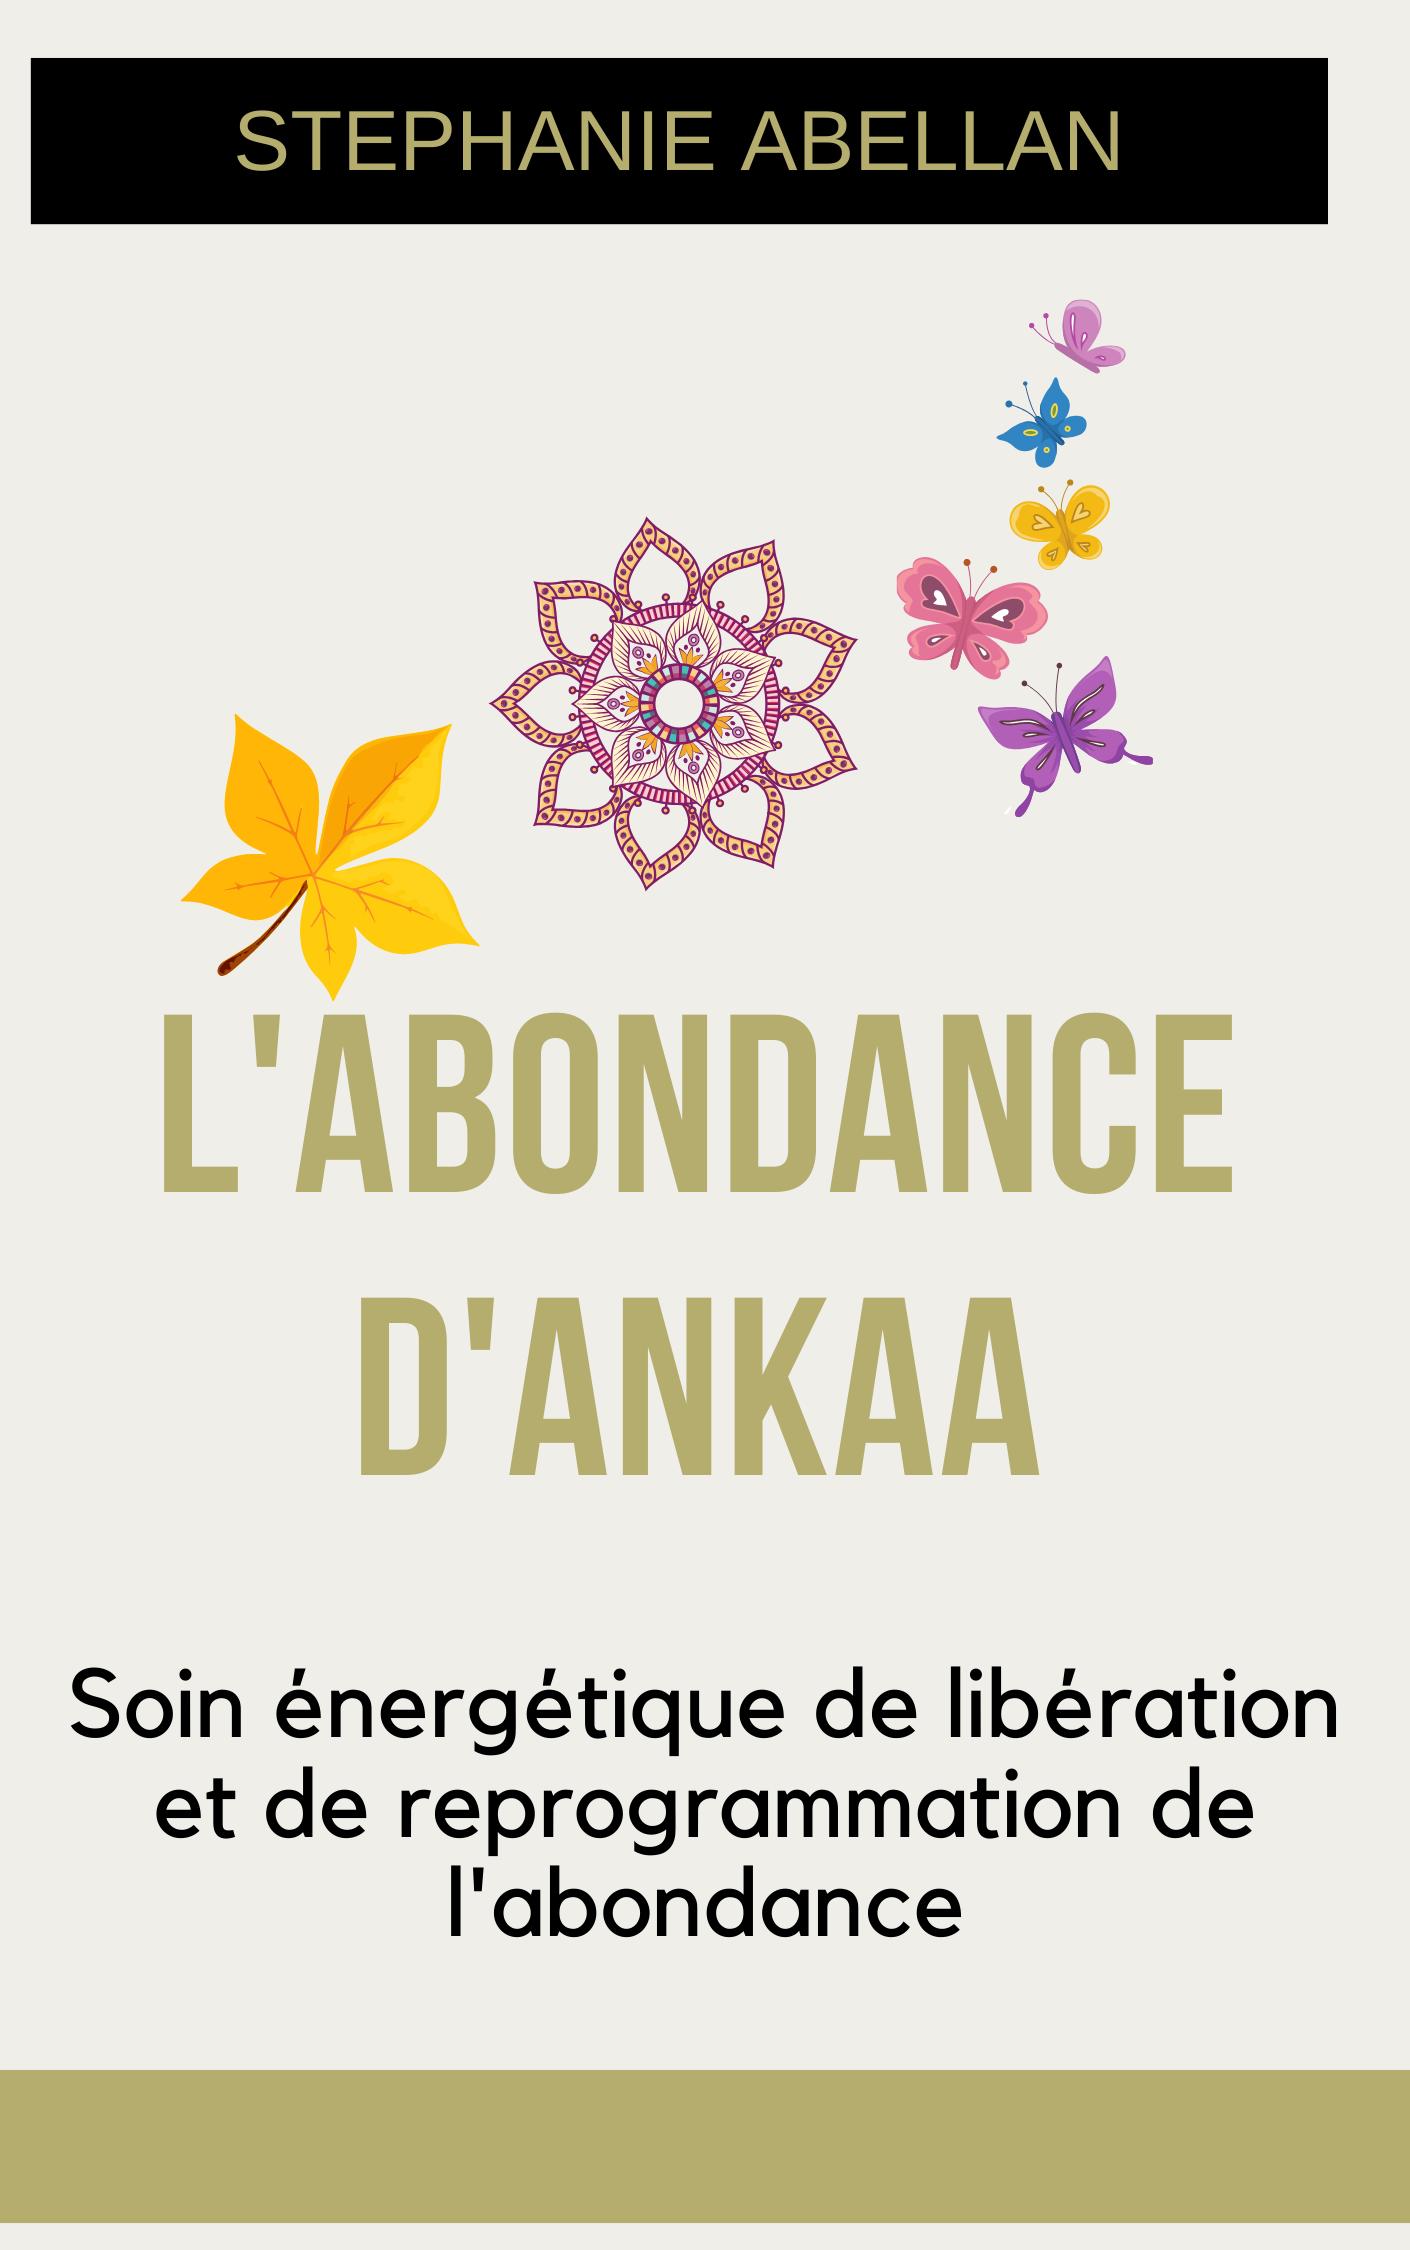 LIvre L\'Abondance d\'Ankaa: Libération et reprogrammation de l\'abondance